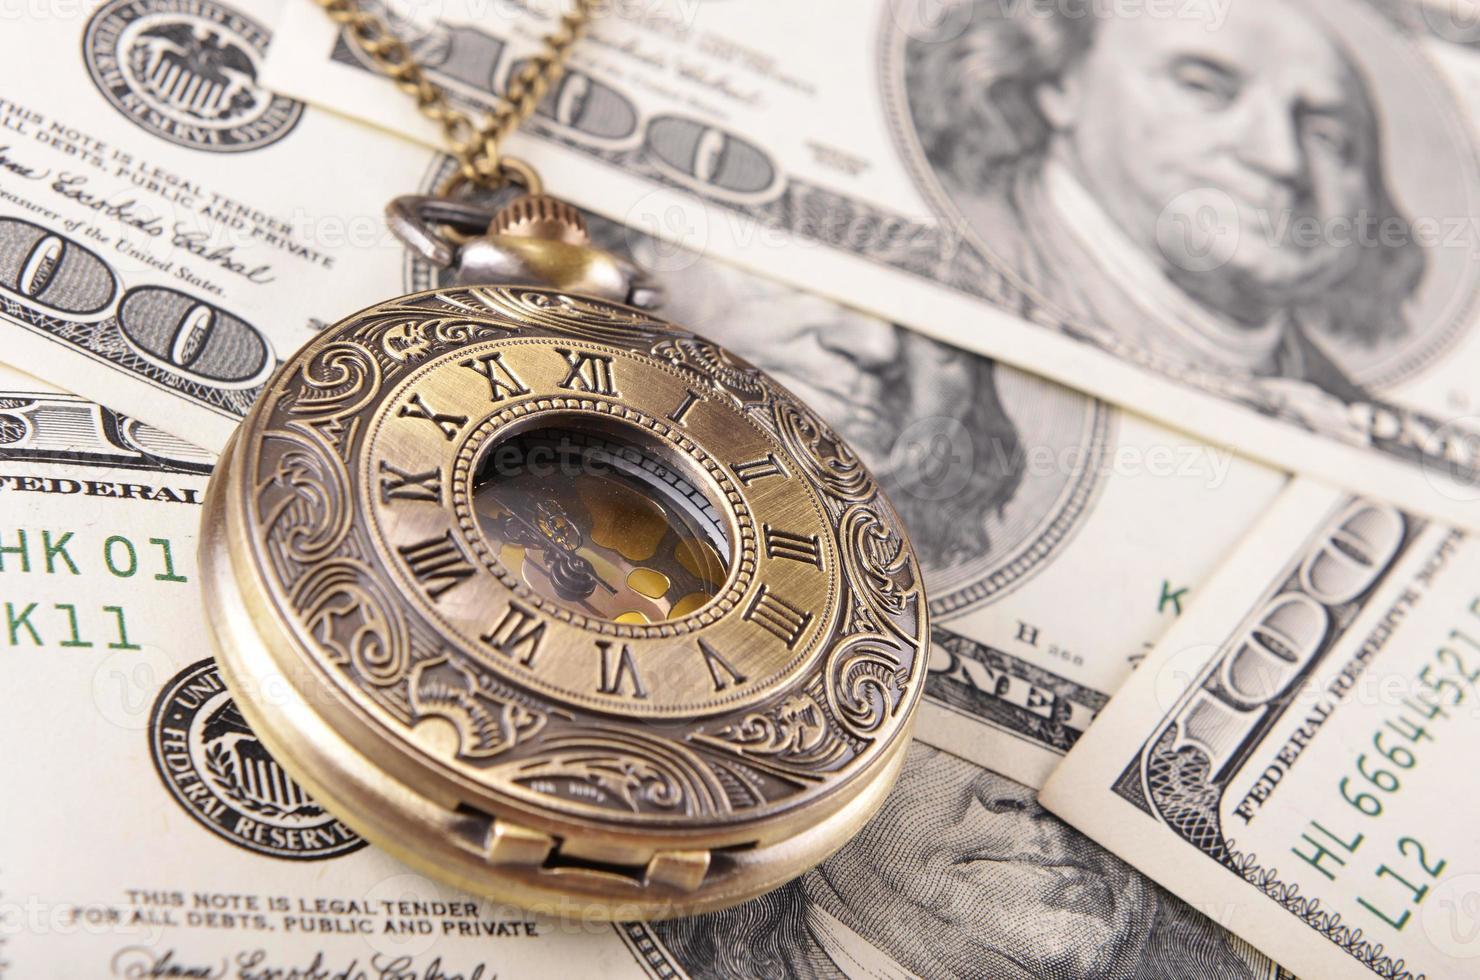 Taschenuhr auf Stapel Geld foto